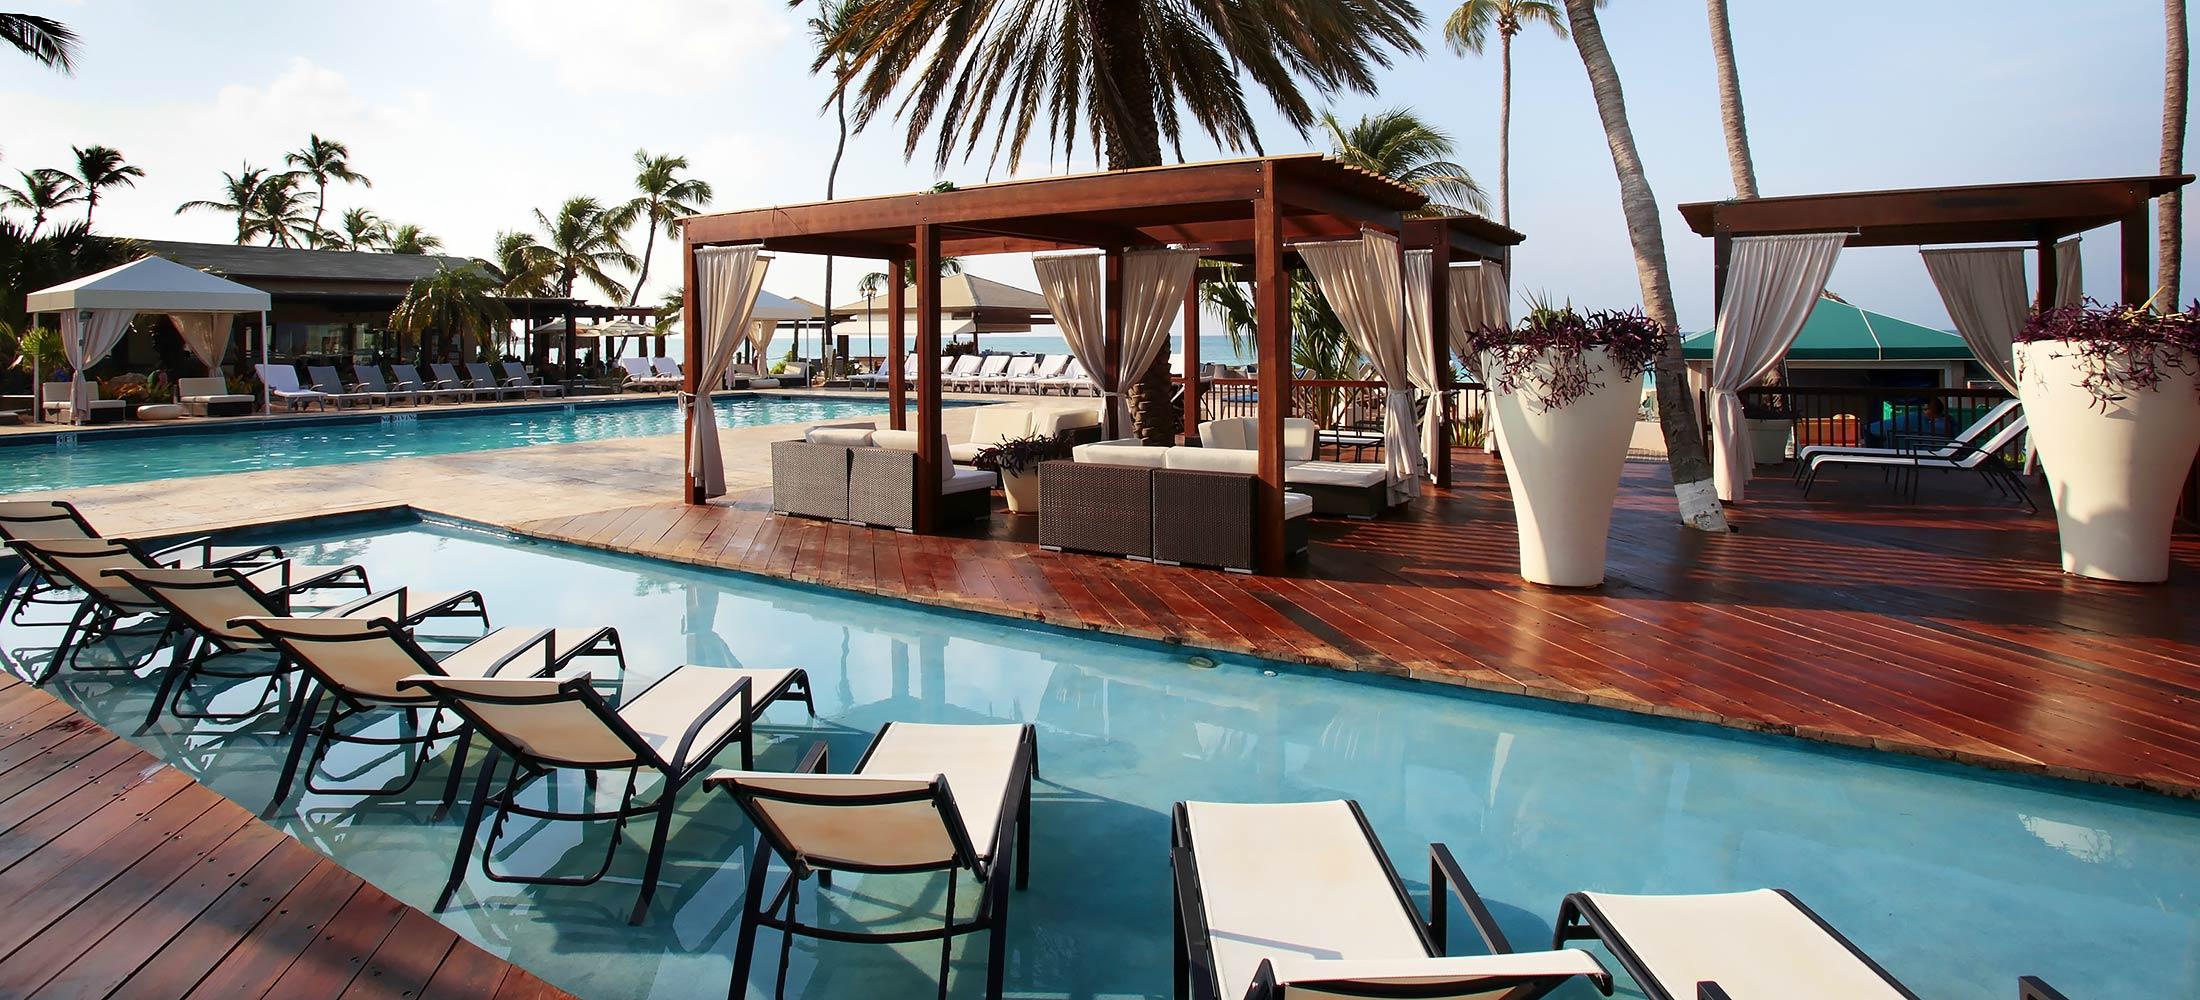 Divi aruba all inclusive hotell aruba aruba - Divi all inclusive ...